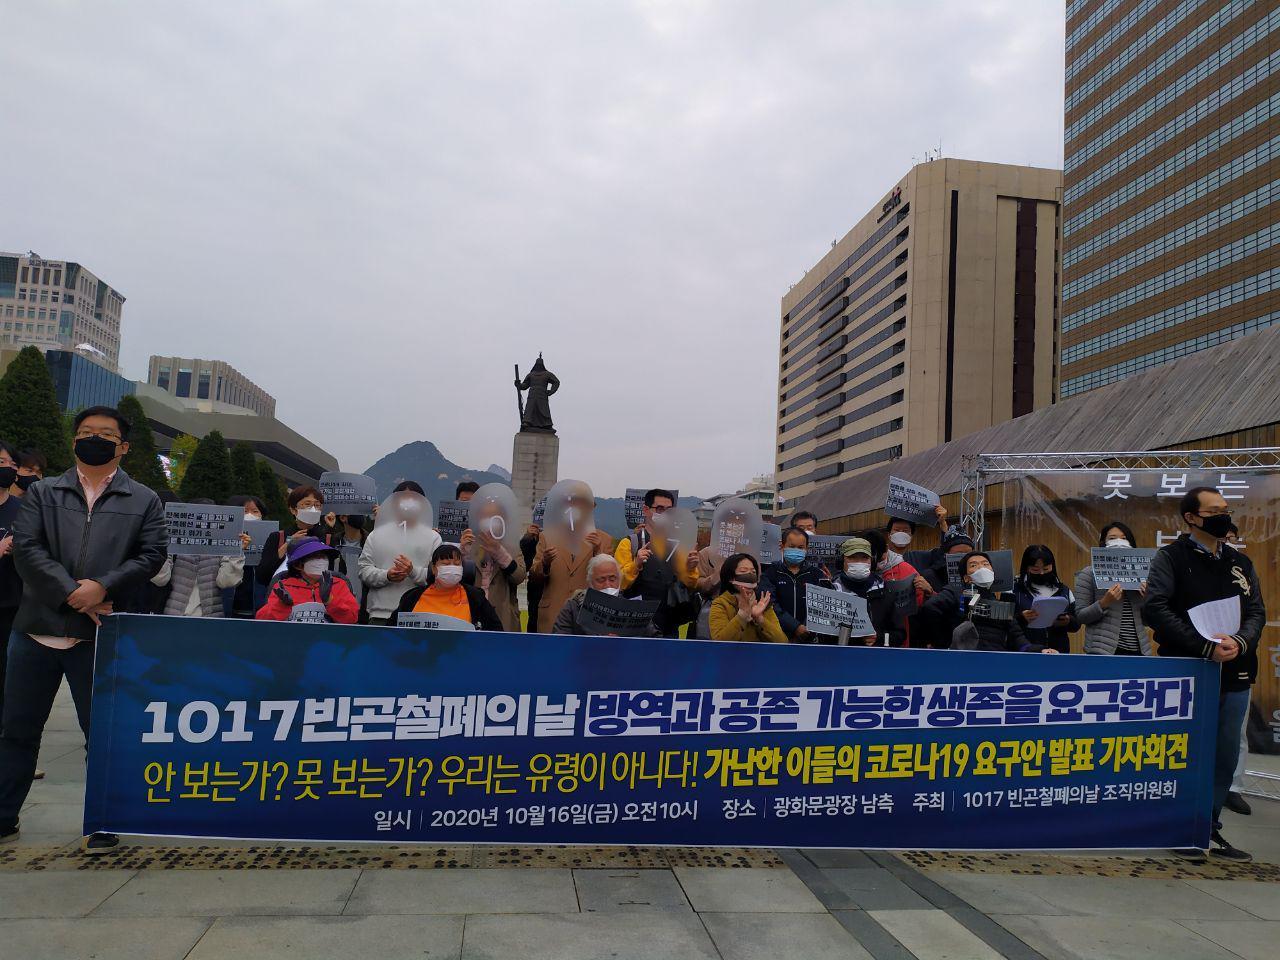 '1017 빈곤철폐의날 방역과 공존 가능한 생존을 요구한다'는 현수막을 들고 광화문 광장에서 약 20명의 사람들이 기자회견을 진행중이다.